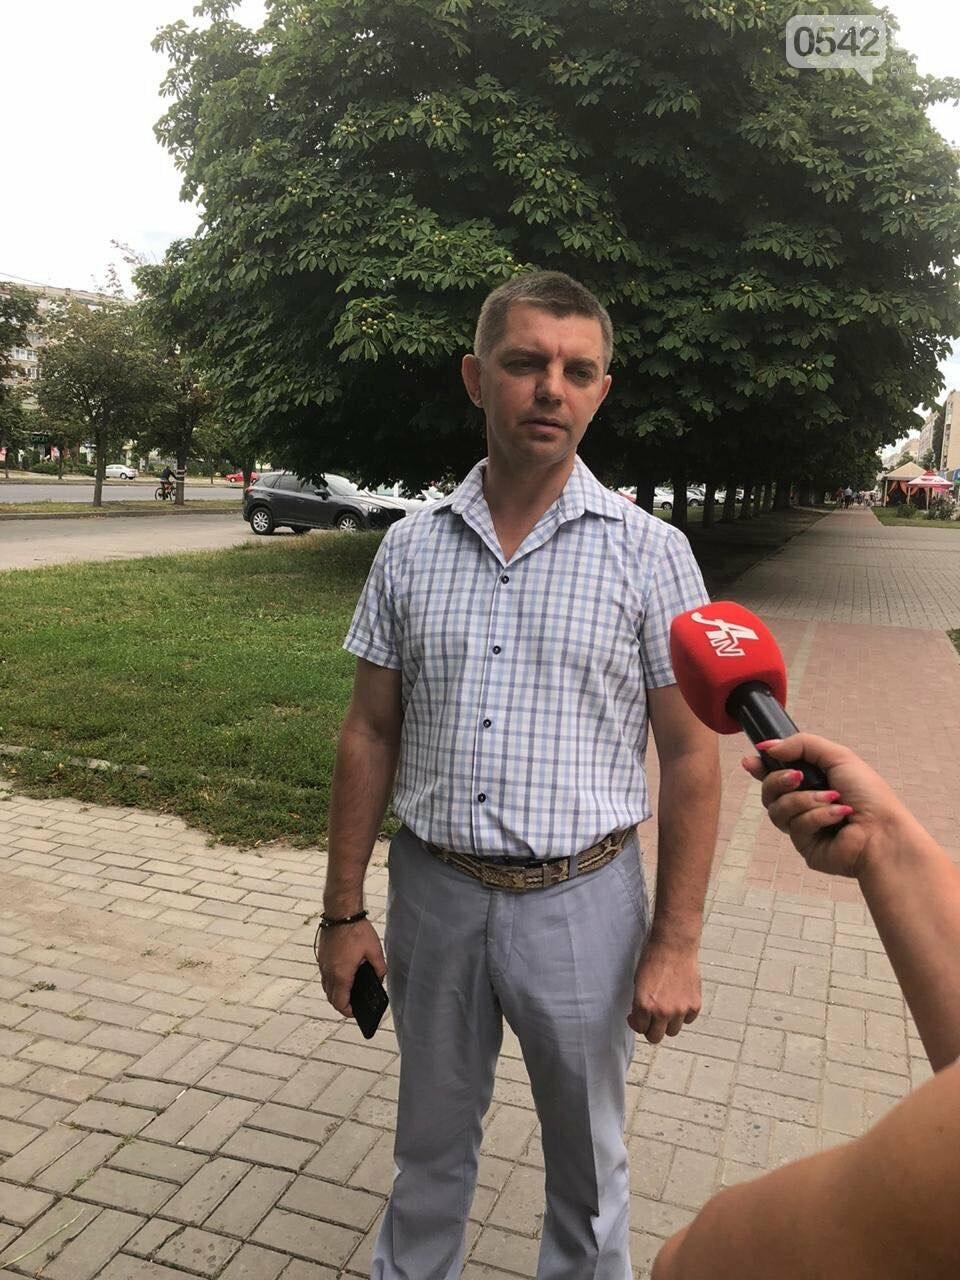 Заява депутатської фракції «Батьківщина» щодо маніпуляцій з боку керівництва Сумської обласної ради, фото-1